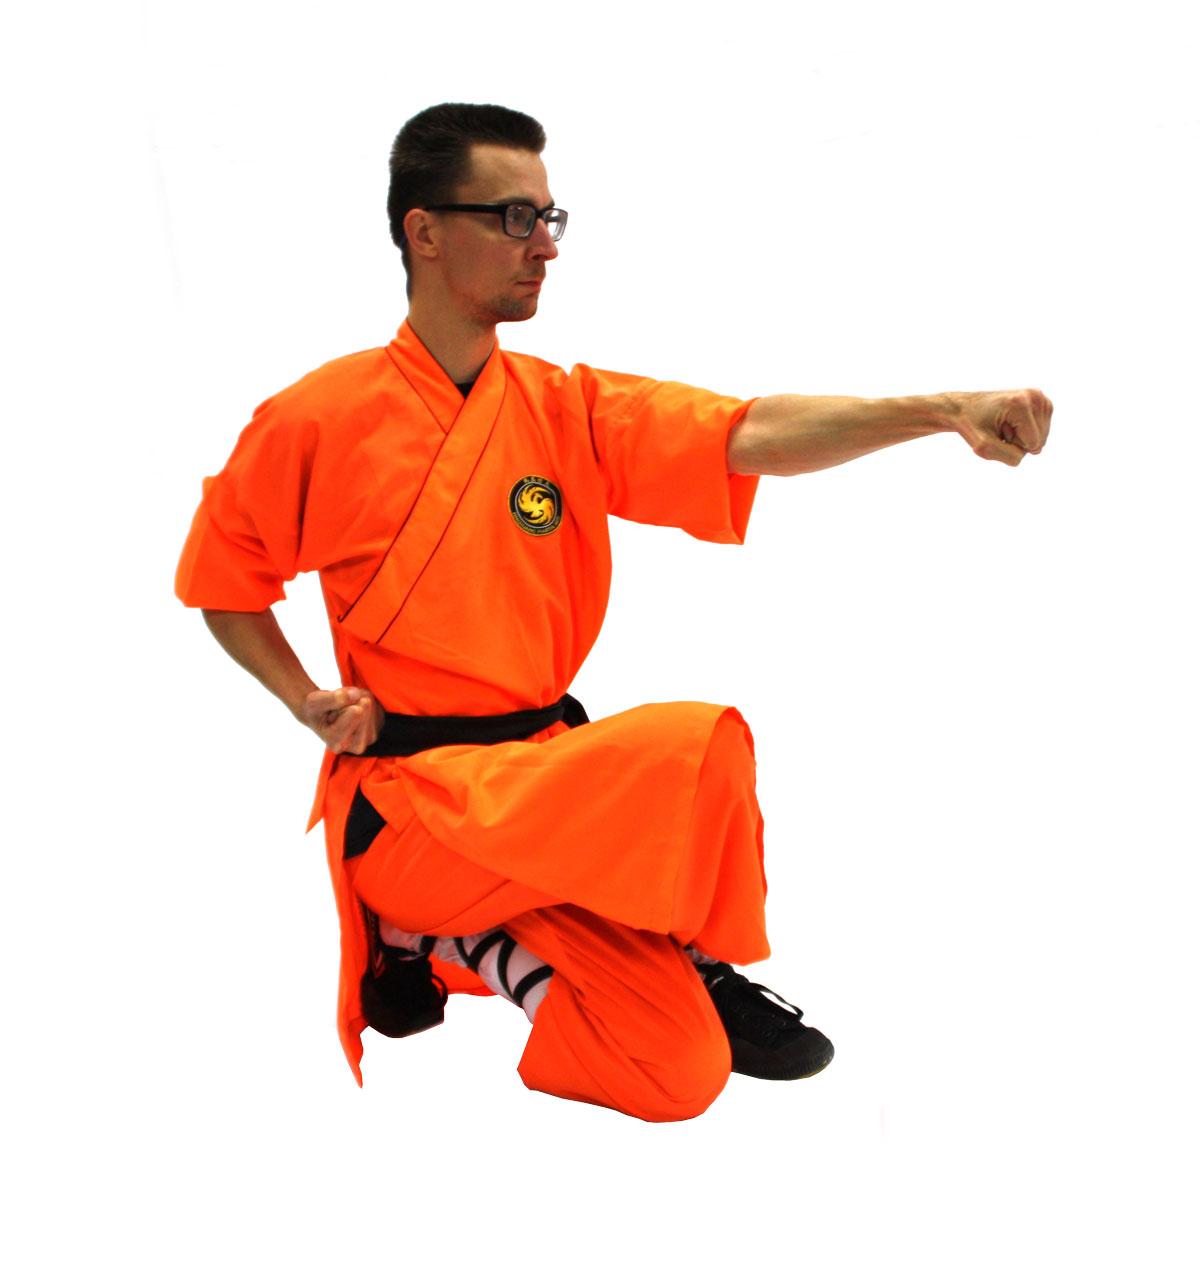 Veel-Gestelde-Vragen-Kung-Fu-Almere-Zaandam